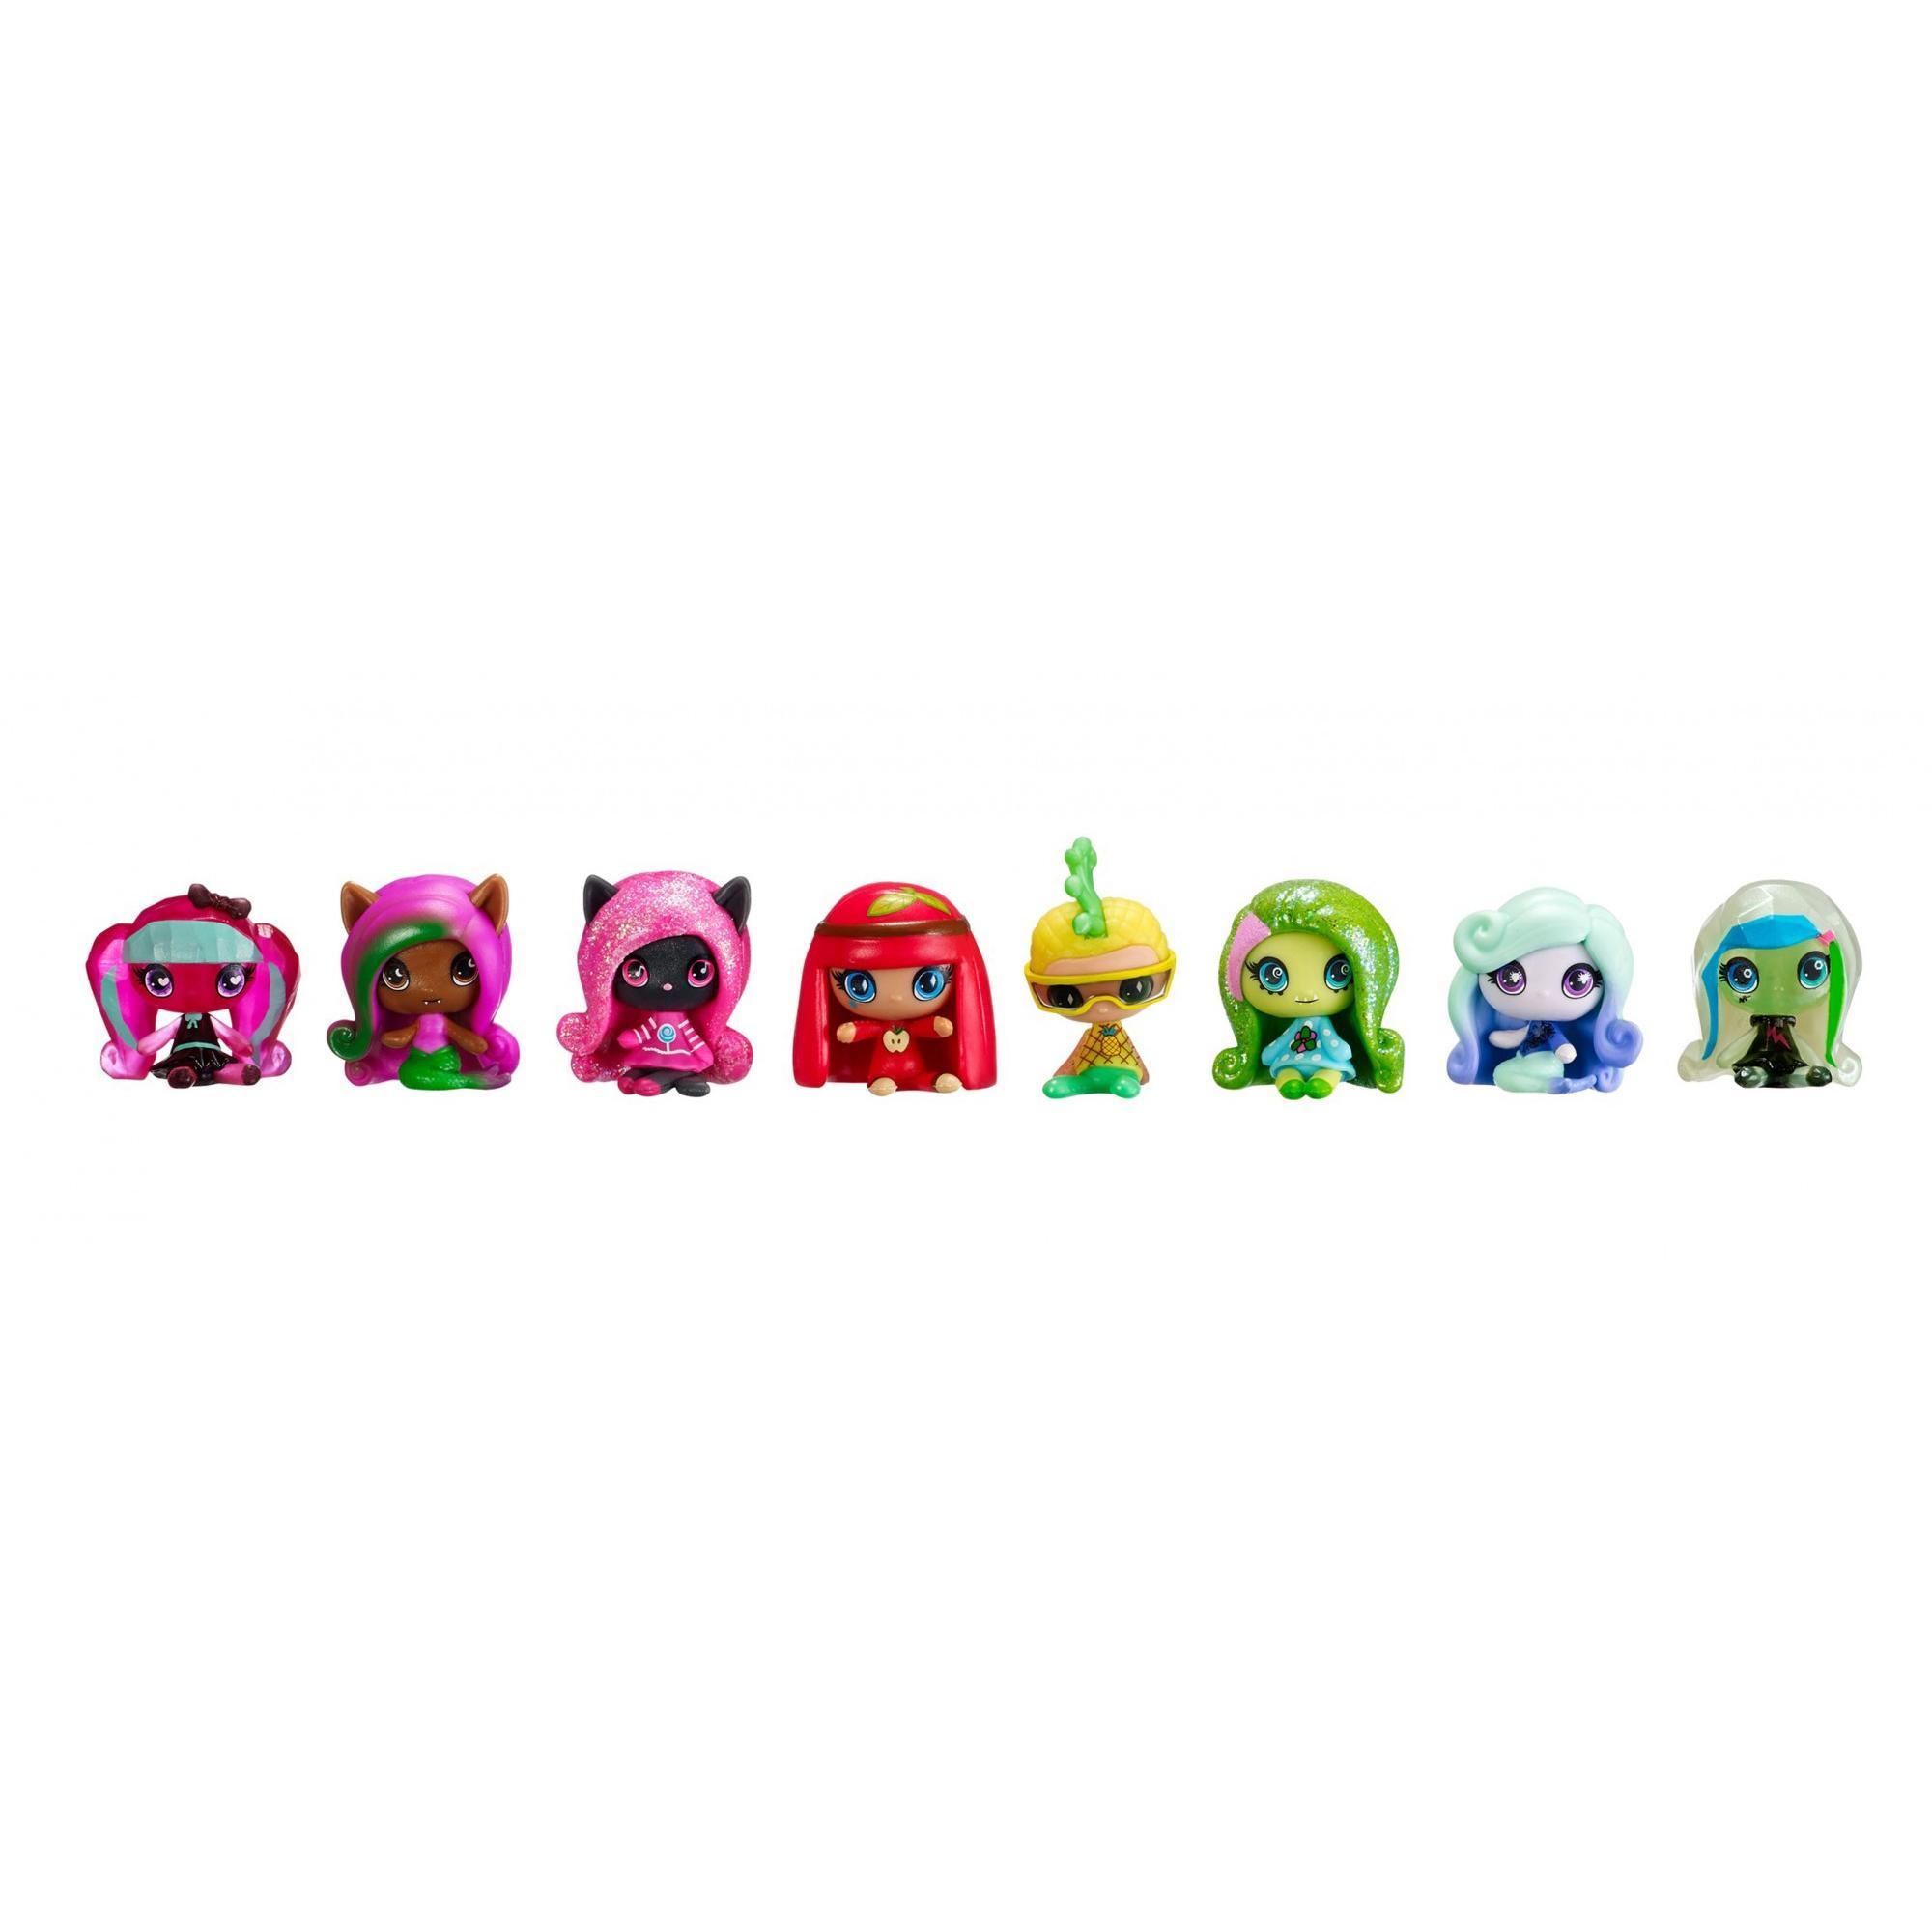 Monster High Minis Season 2 8-Pack by MATTEL INC.